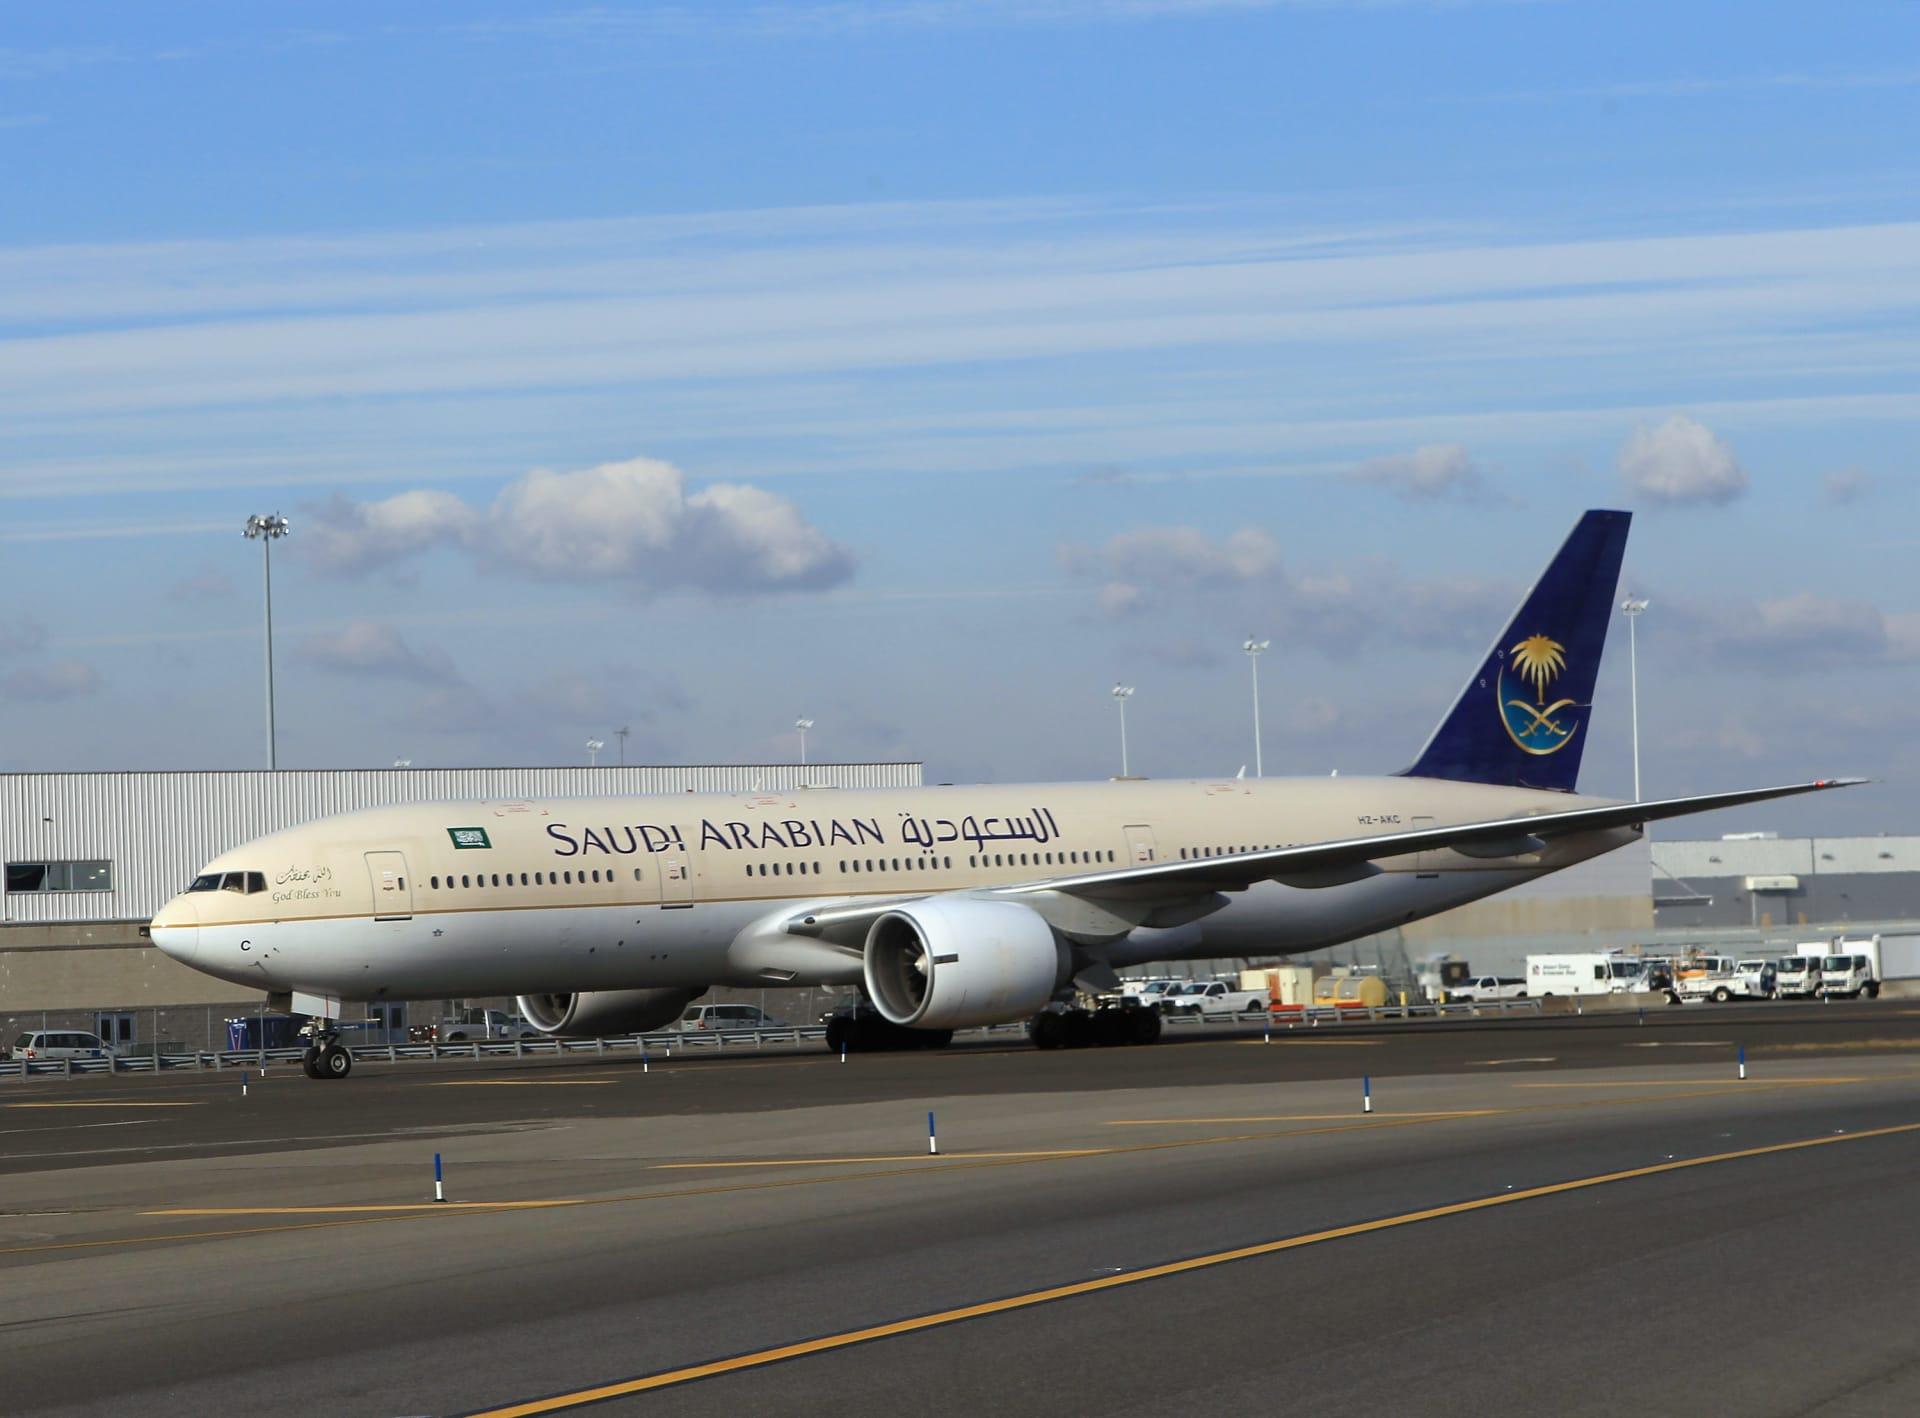 صورة أرشيفية لطائرة تابعة للخطوط الجوية السعودية